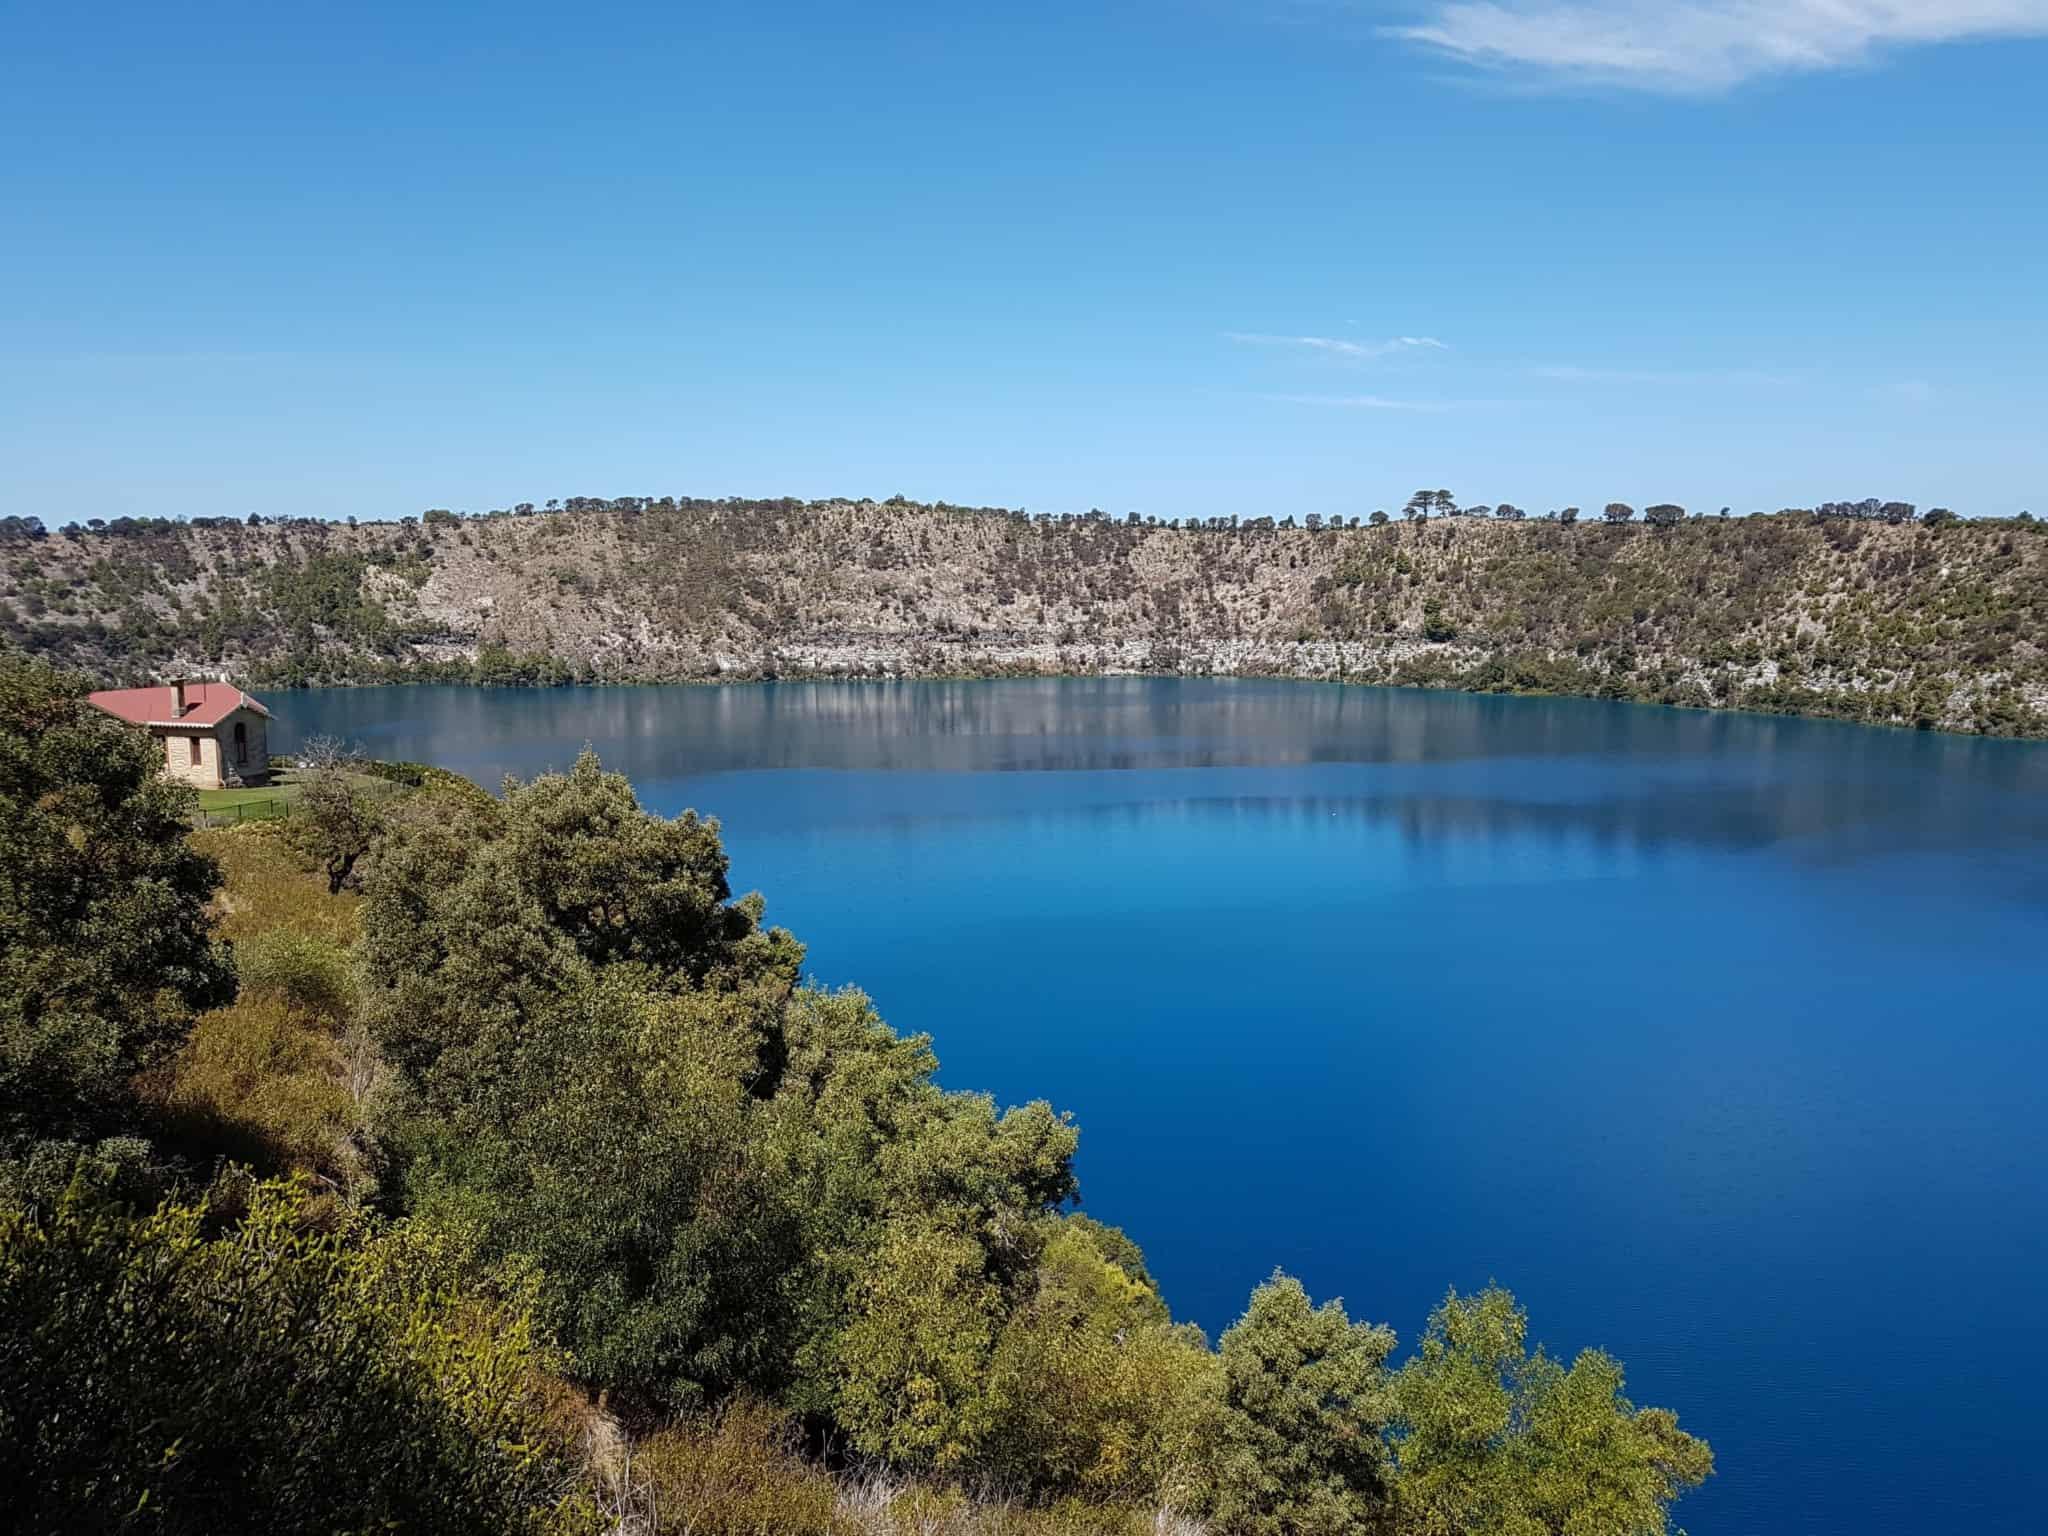 Australie, la beauté du Blue Lake formé dans le cratère d'un volcan 🌋 14